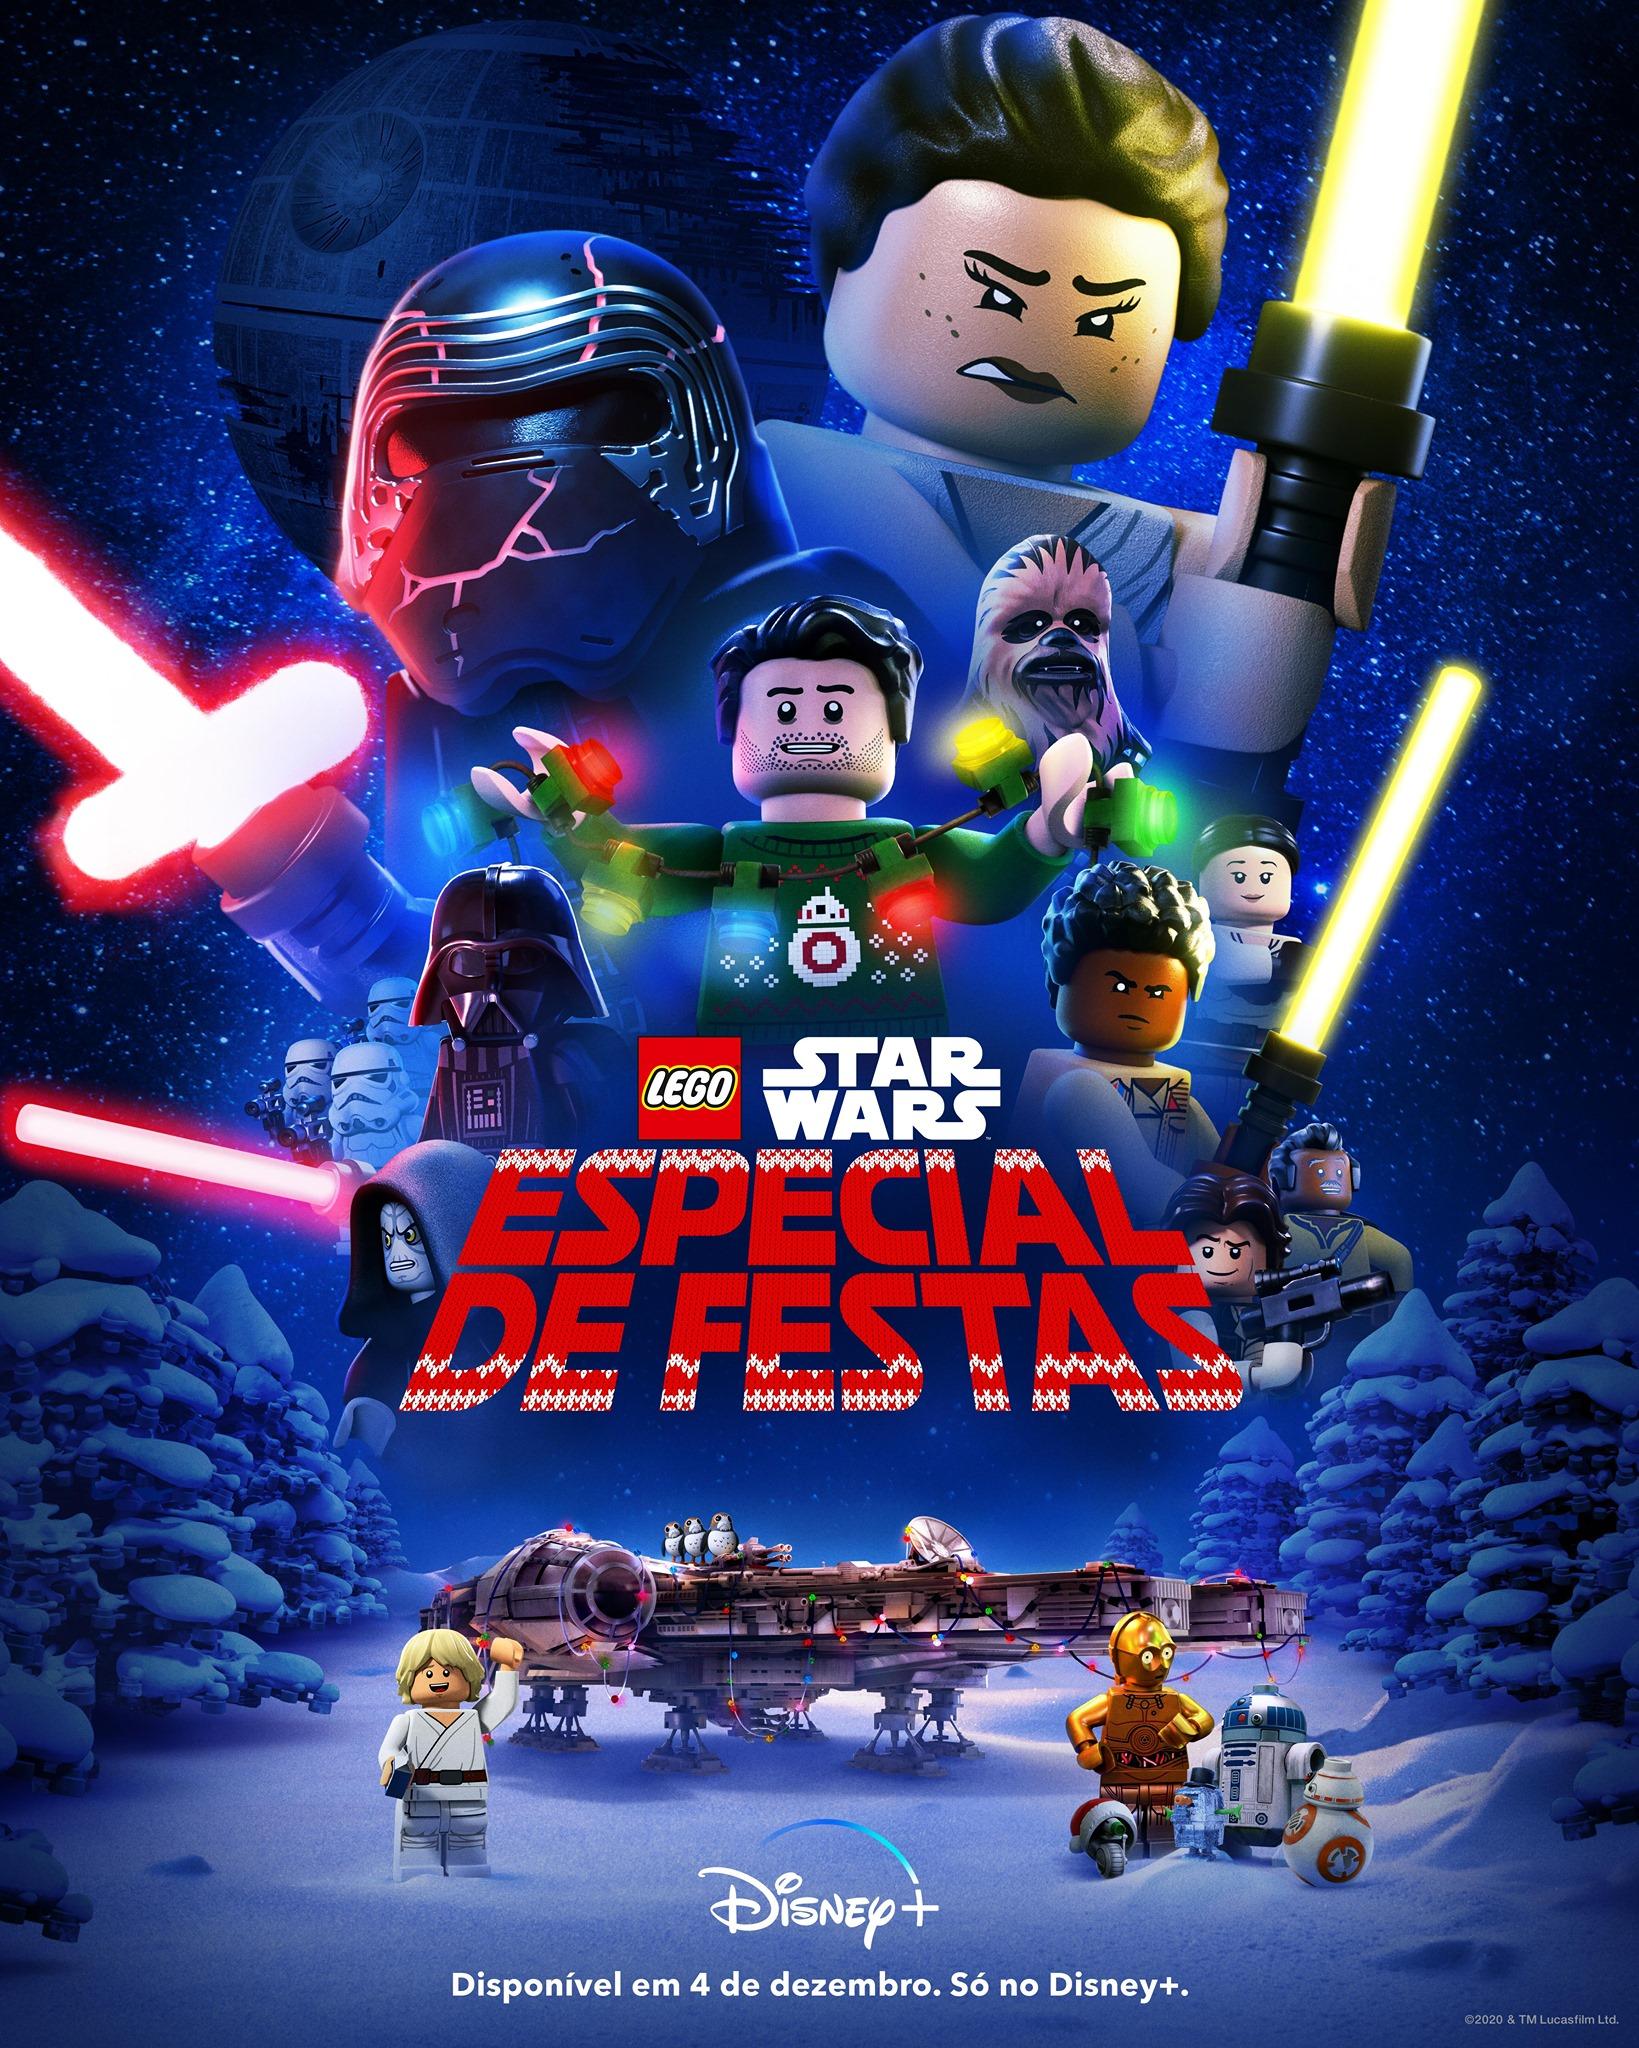 LEGO Star Wars Especial de Festas